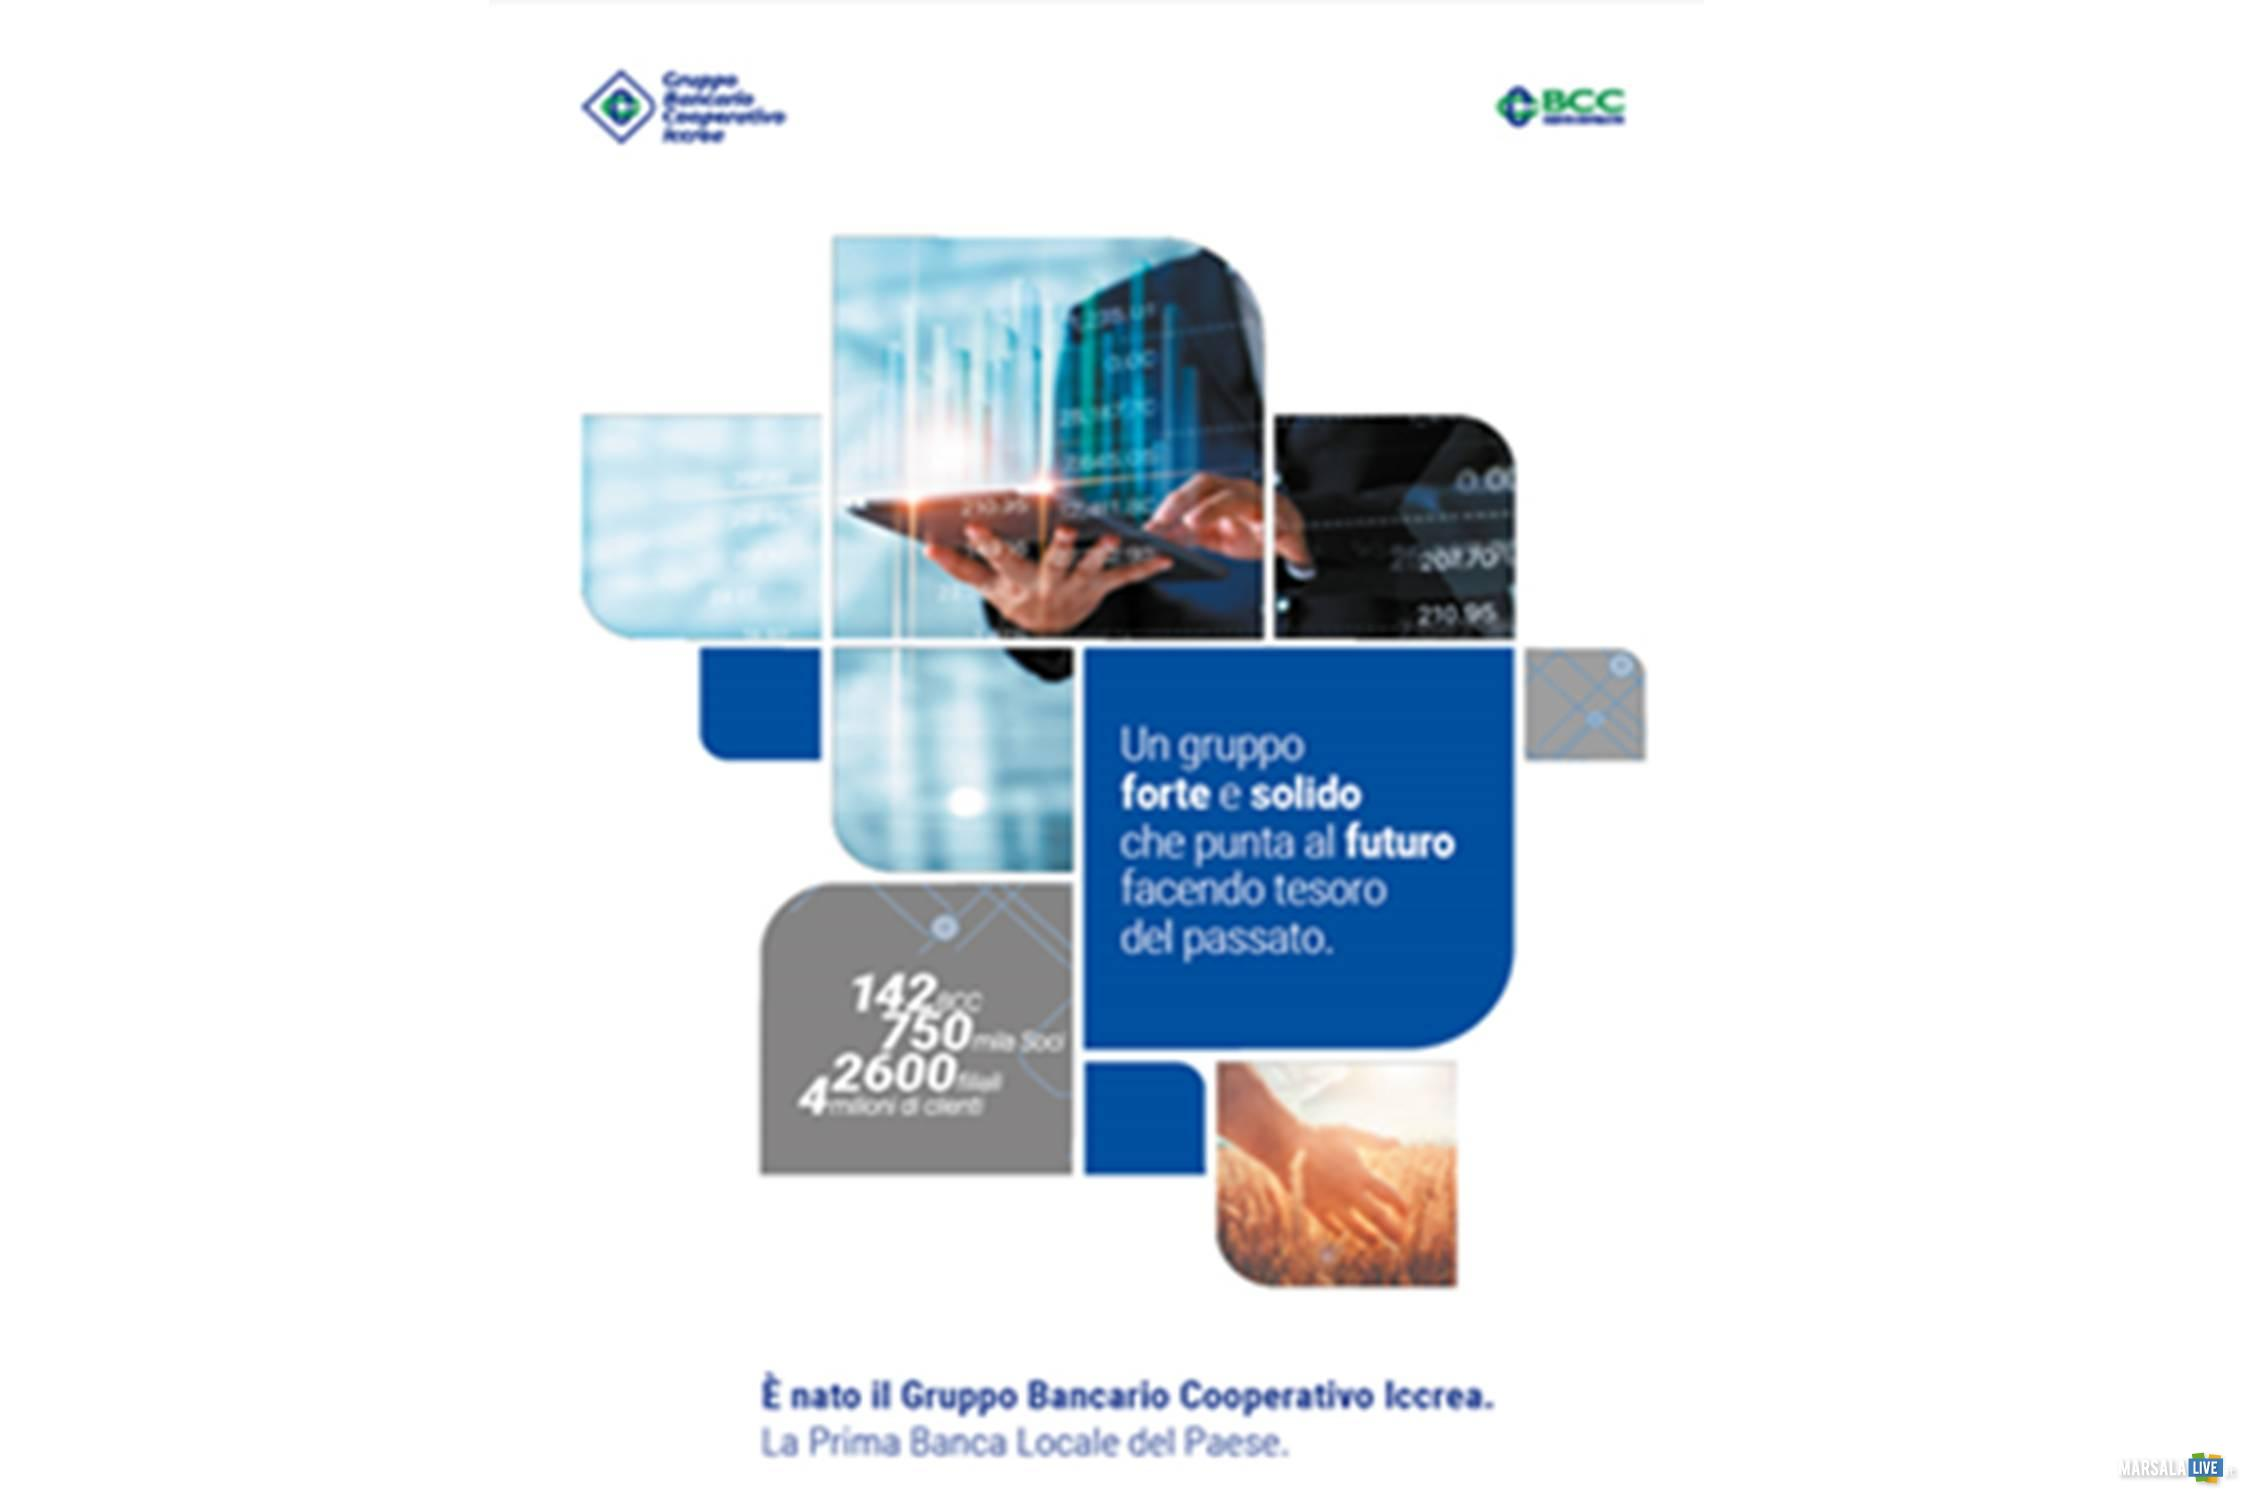 Gruppo Bancario Cooperativo Iccrea